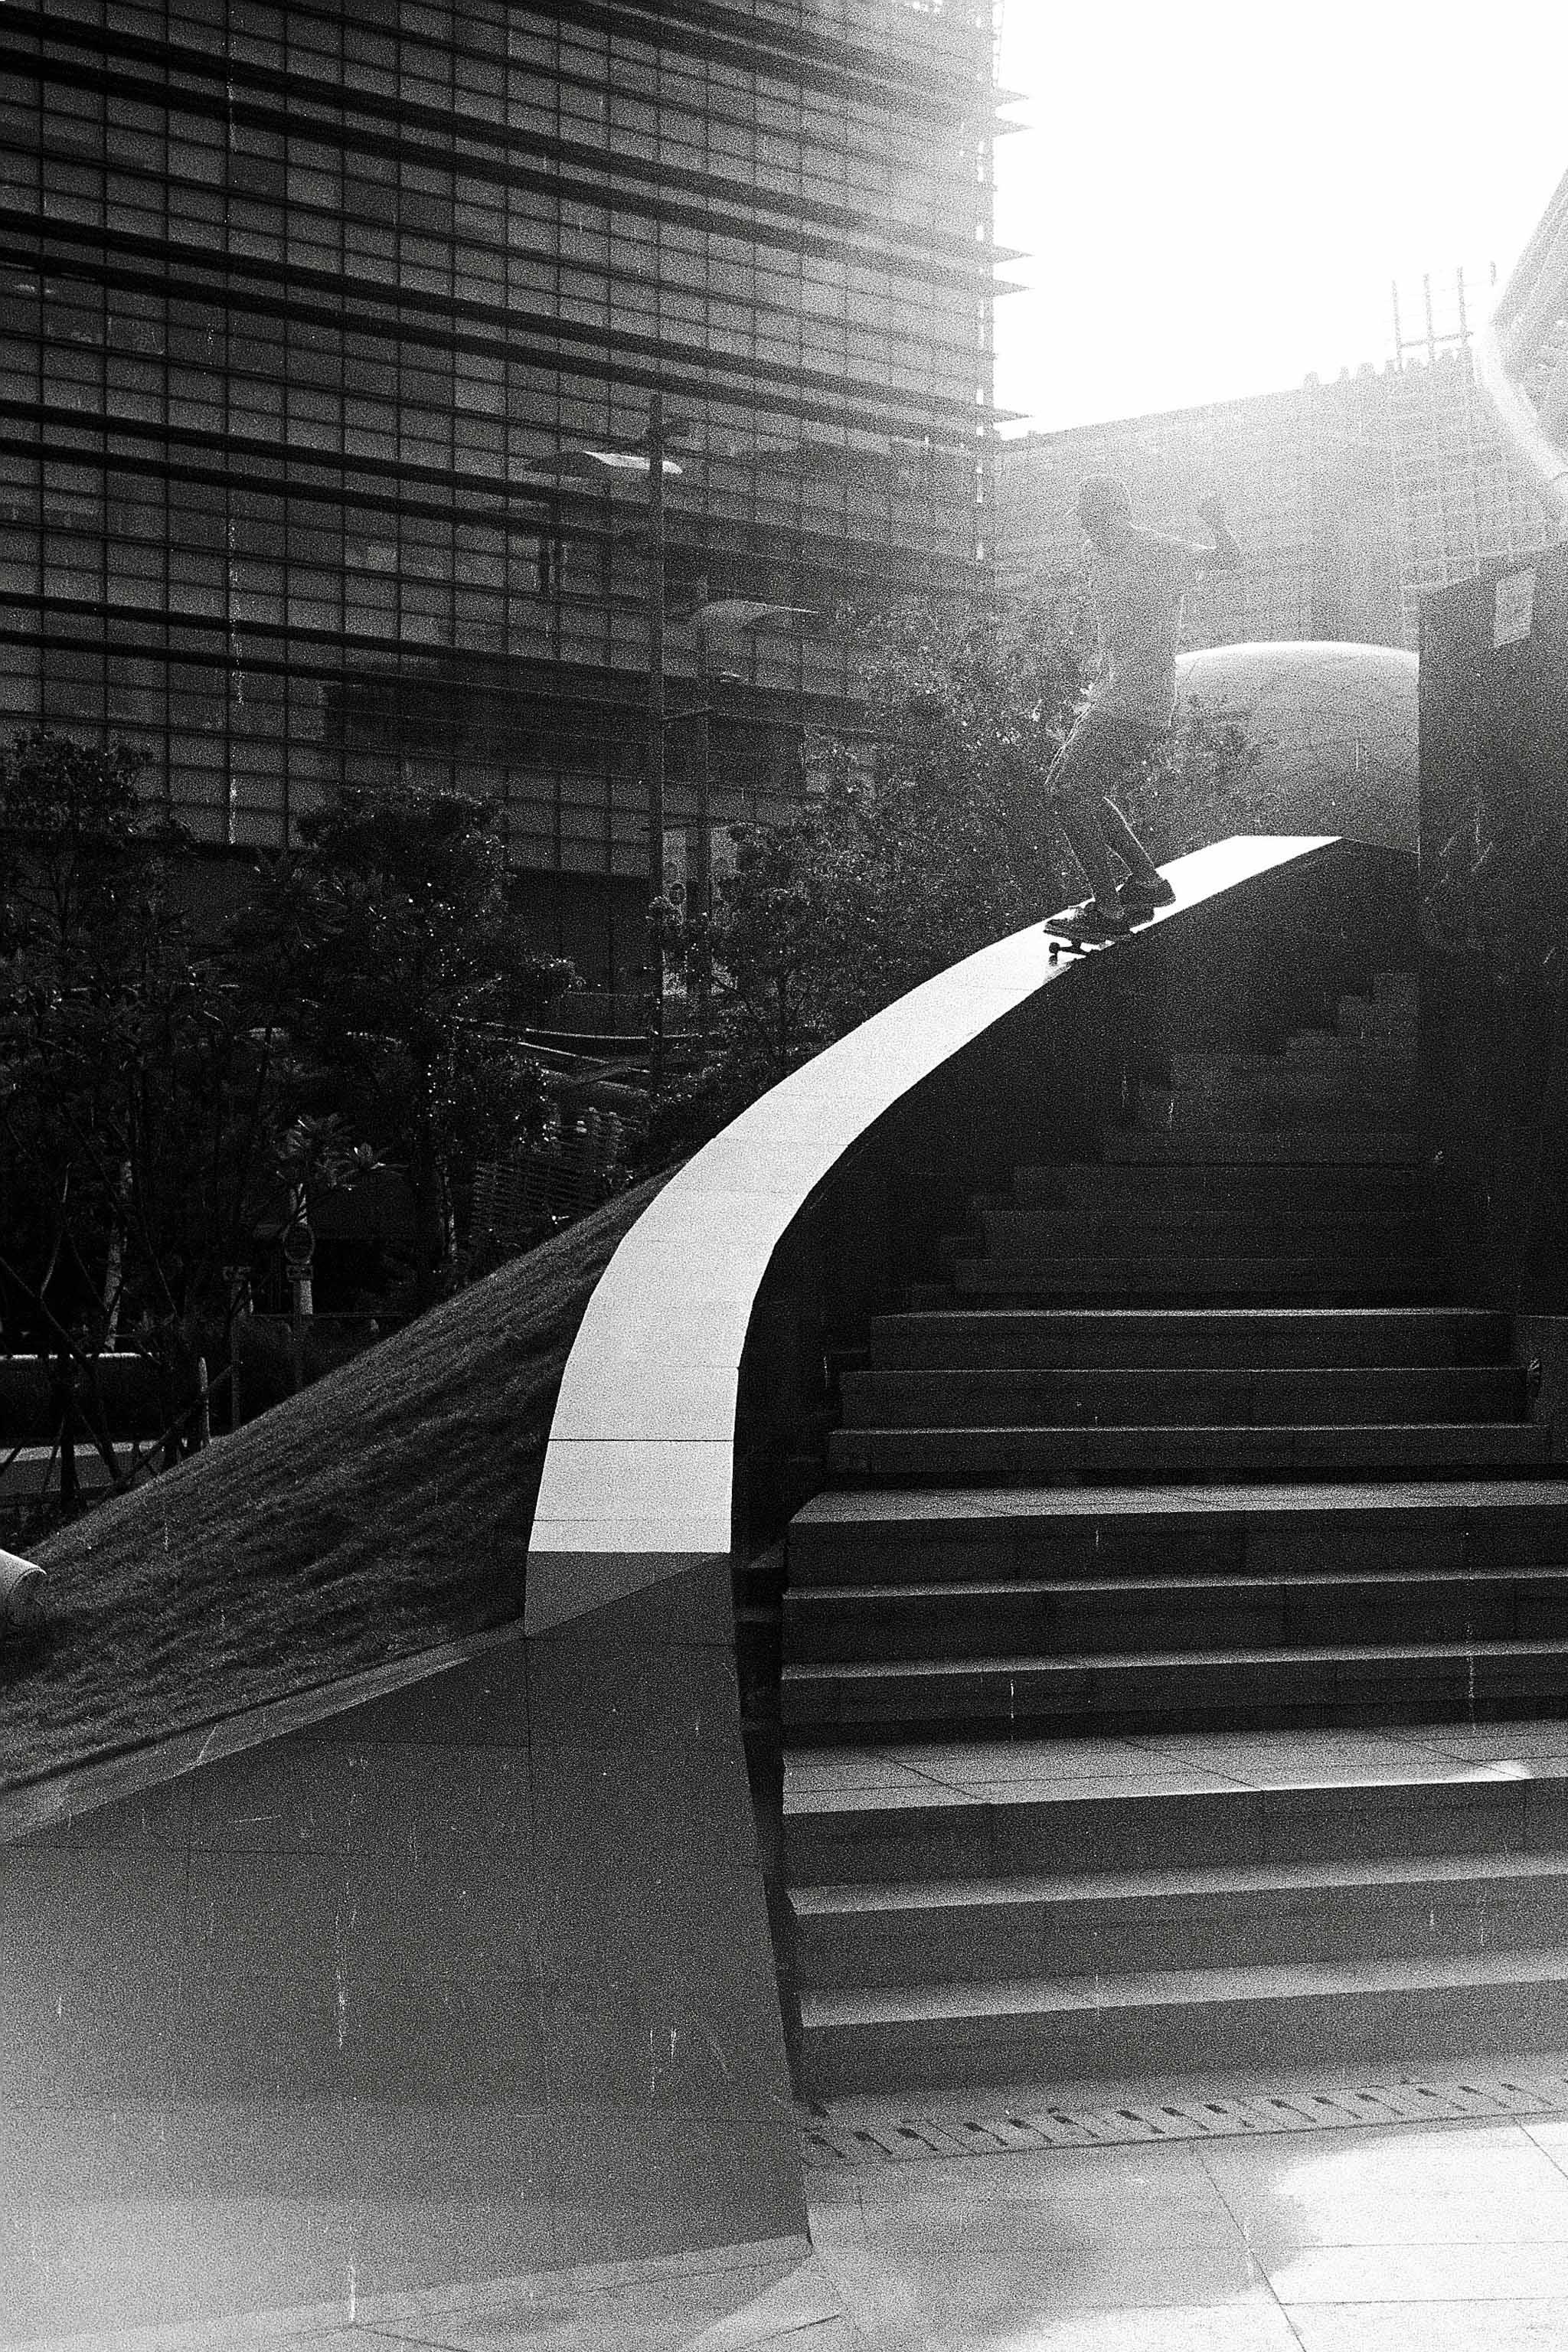 35mmPatrikWallner_HongKong_Ben5050ExposedLOWQ